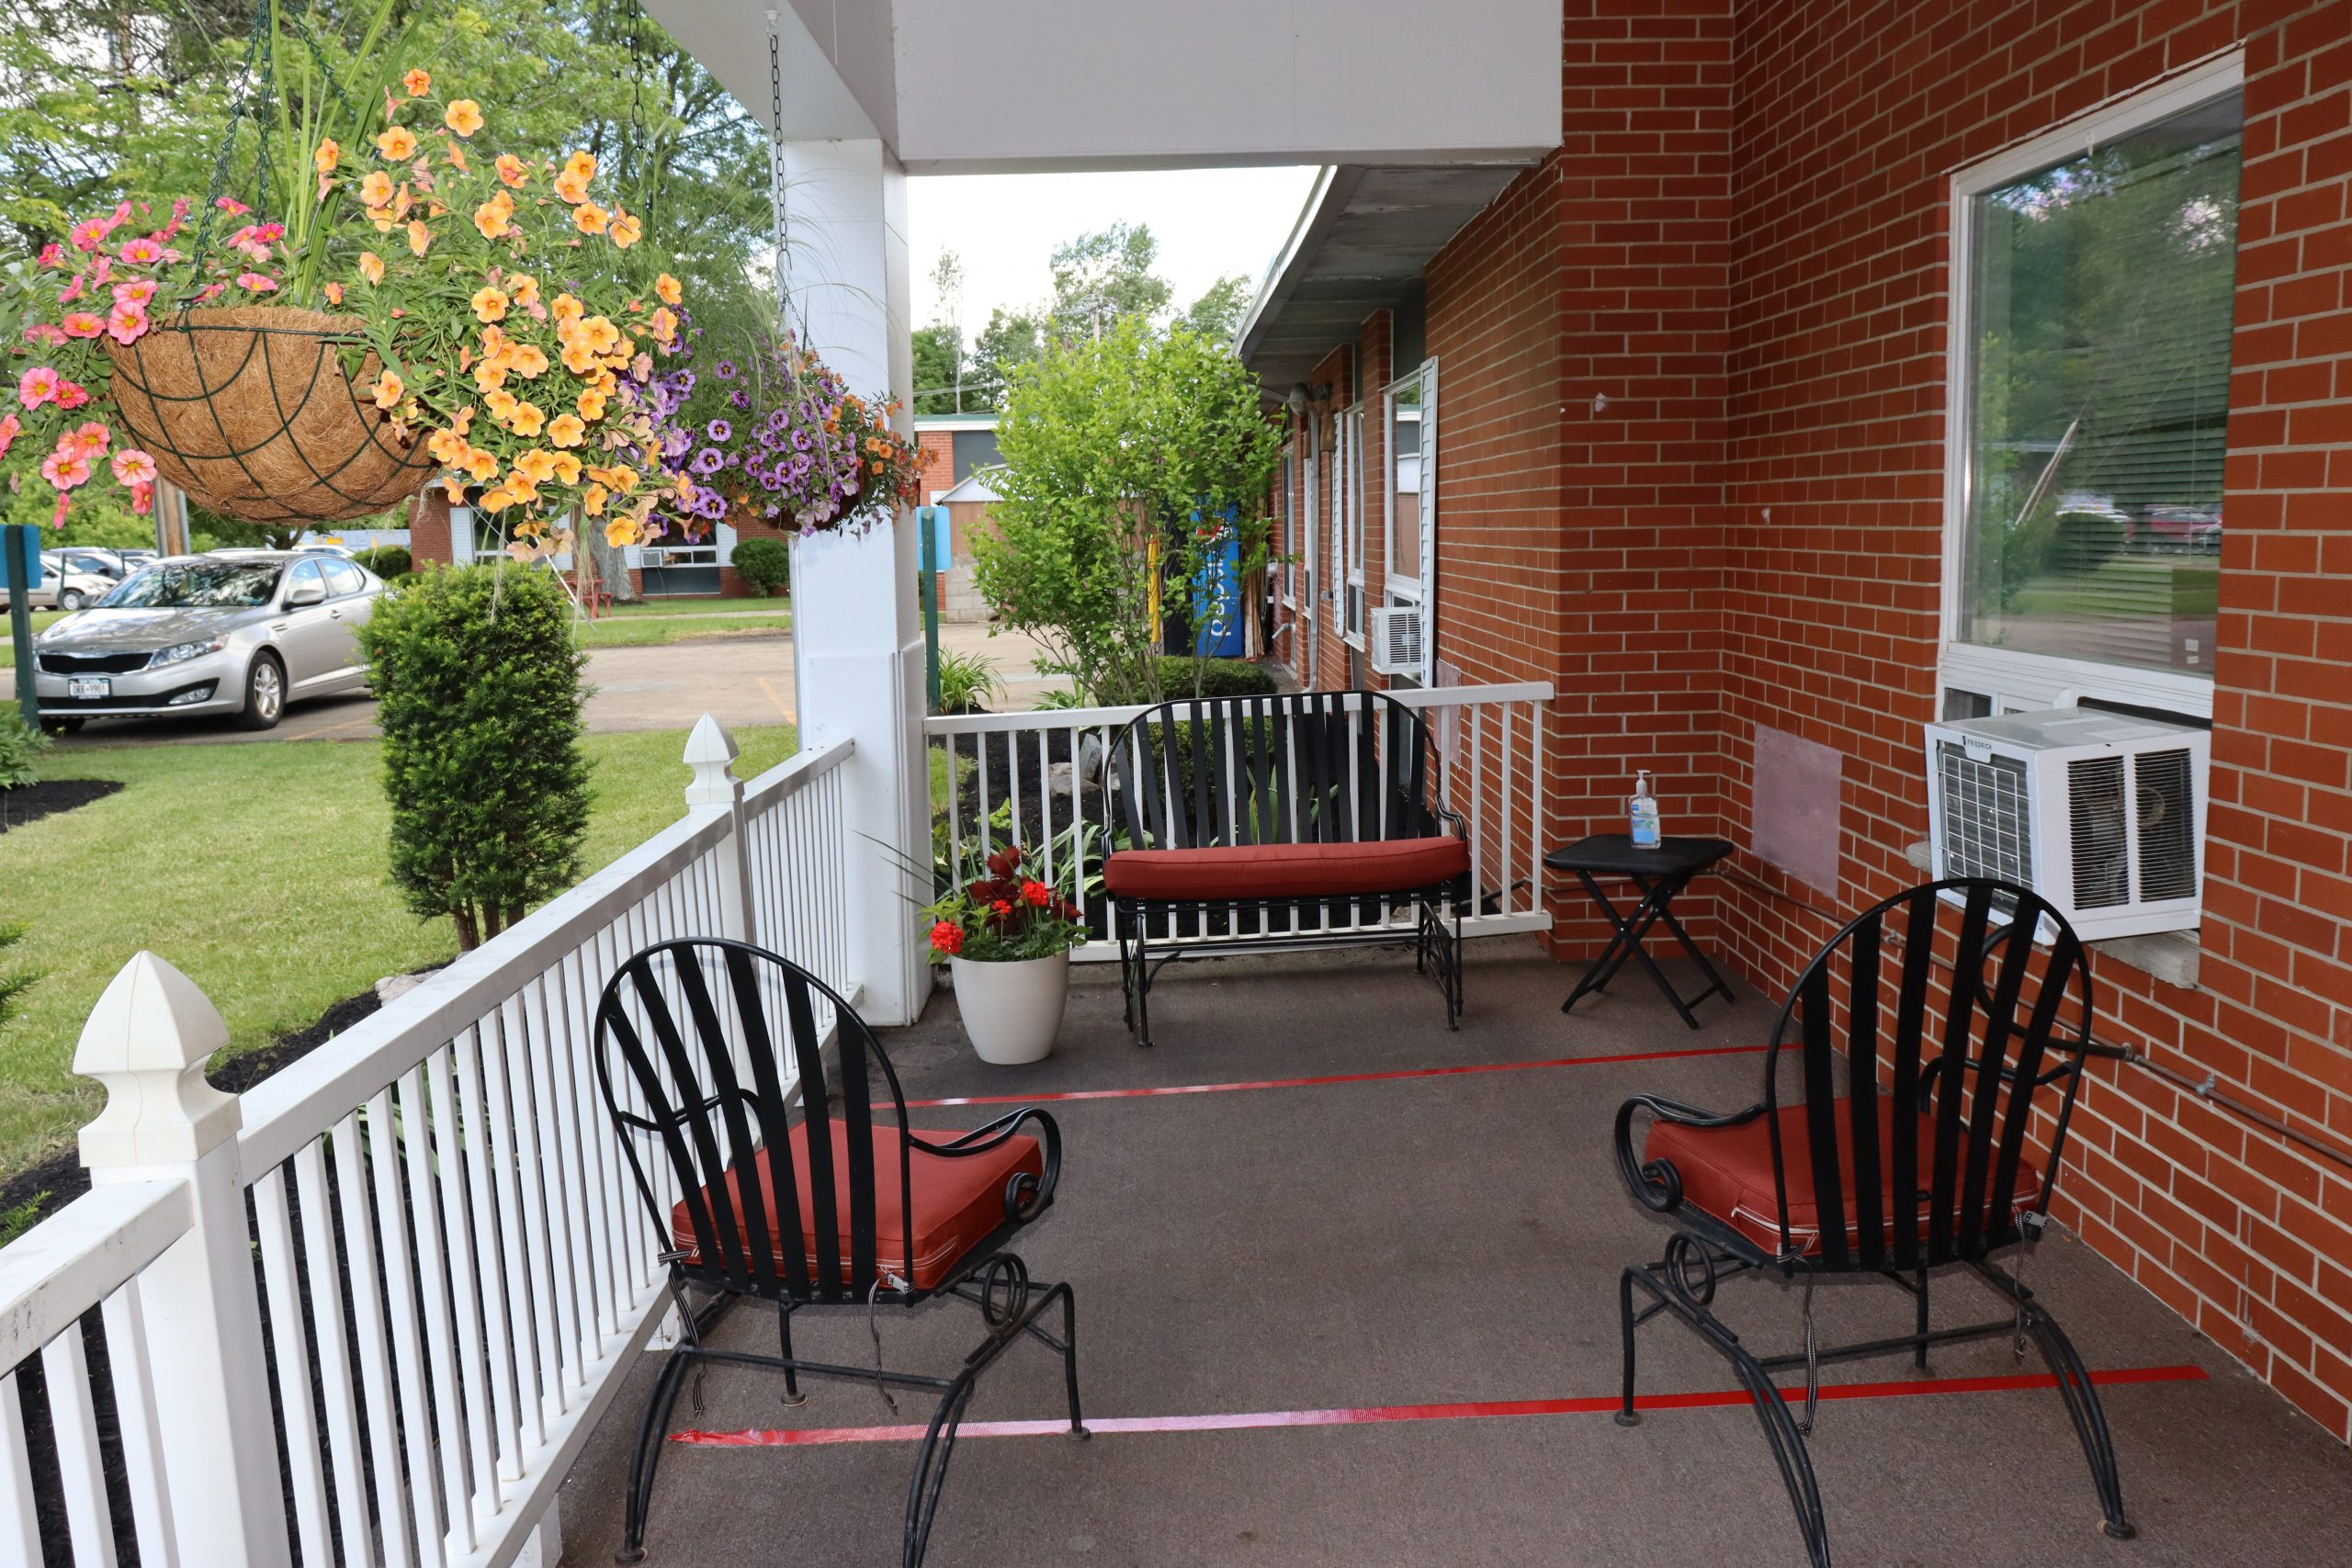 Renovation - Outside Visitation Area